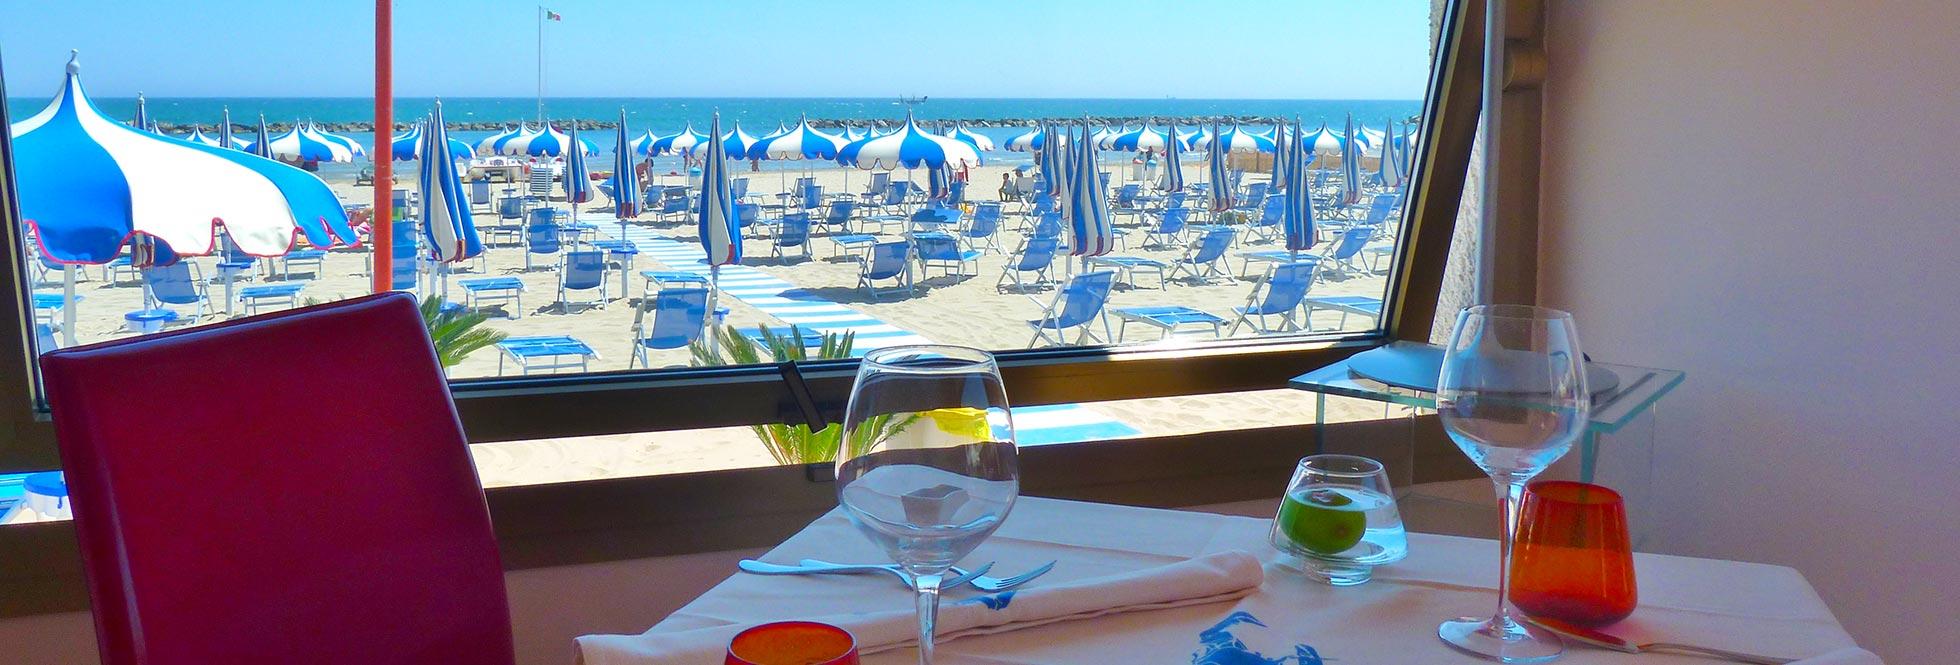 Ristorante sulla spiagga Civitanova Marche